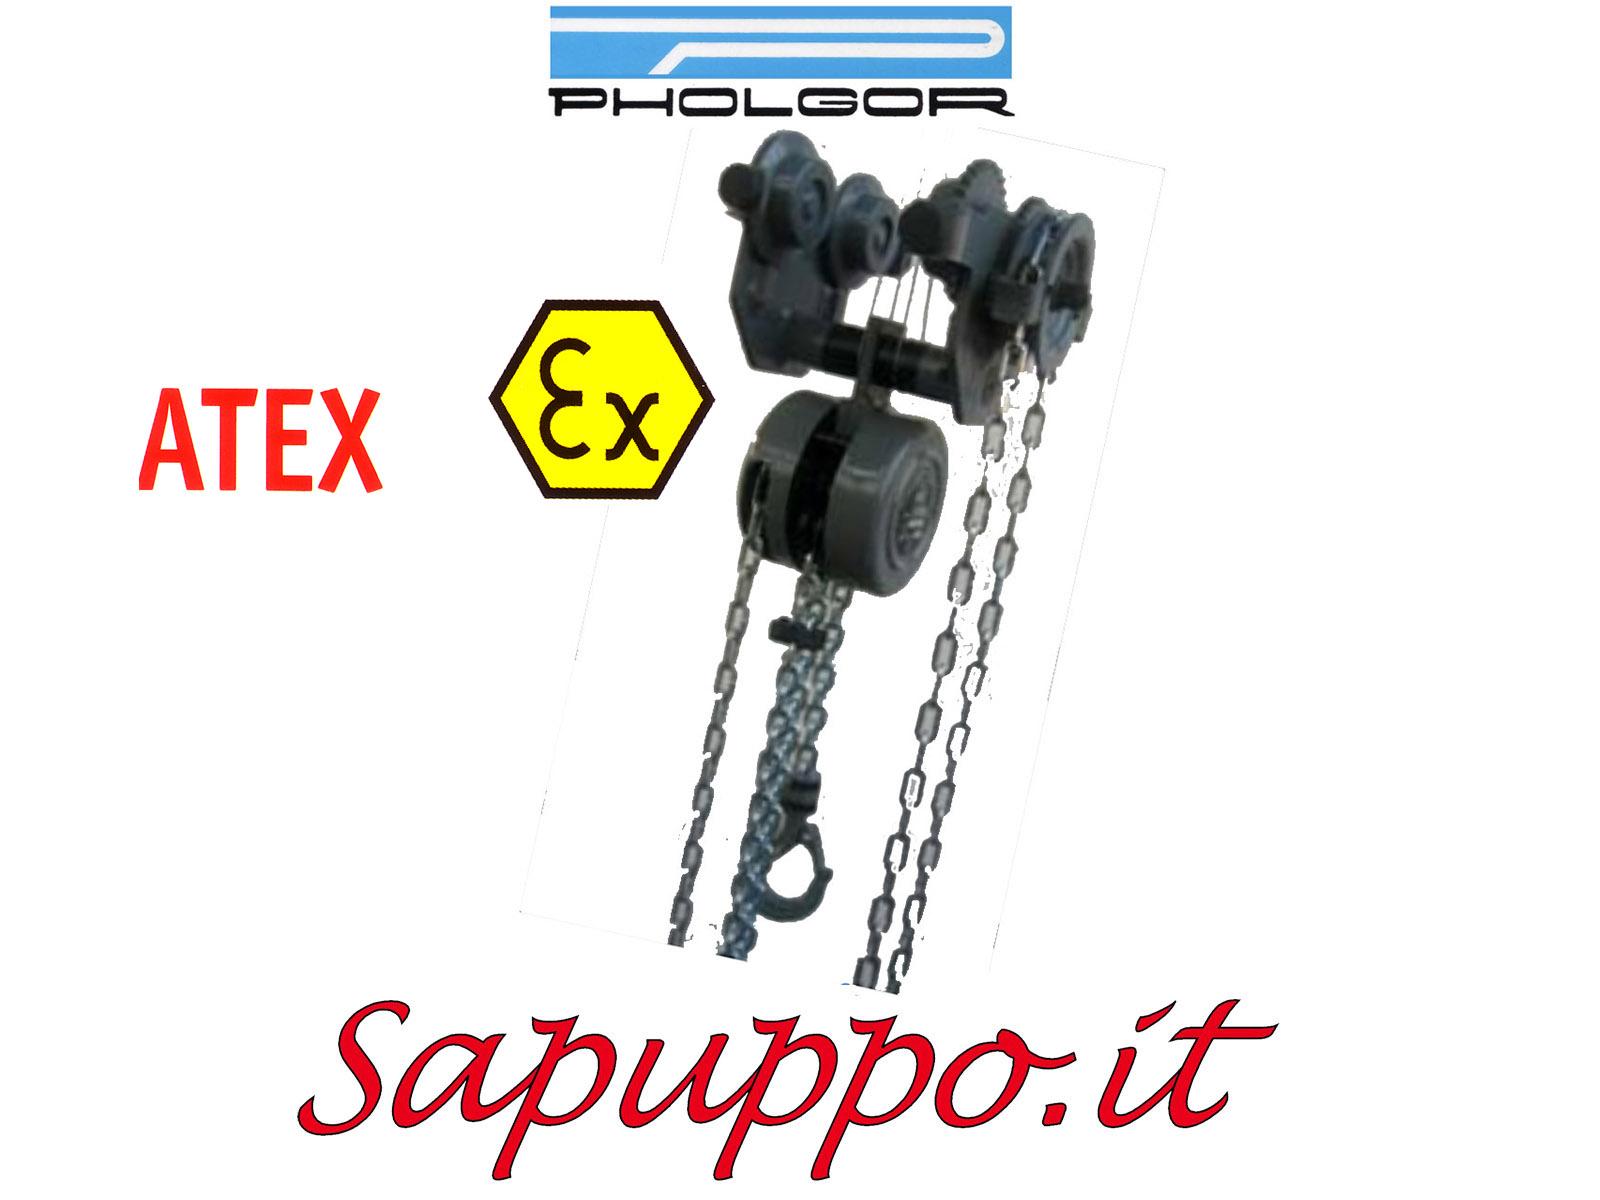 CC-M-ATEX - Paranco manuale combinato con carrello tipo CC-M versione speciale ATEX